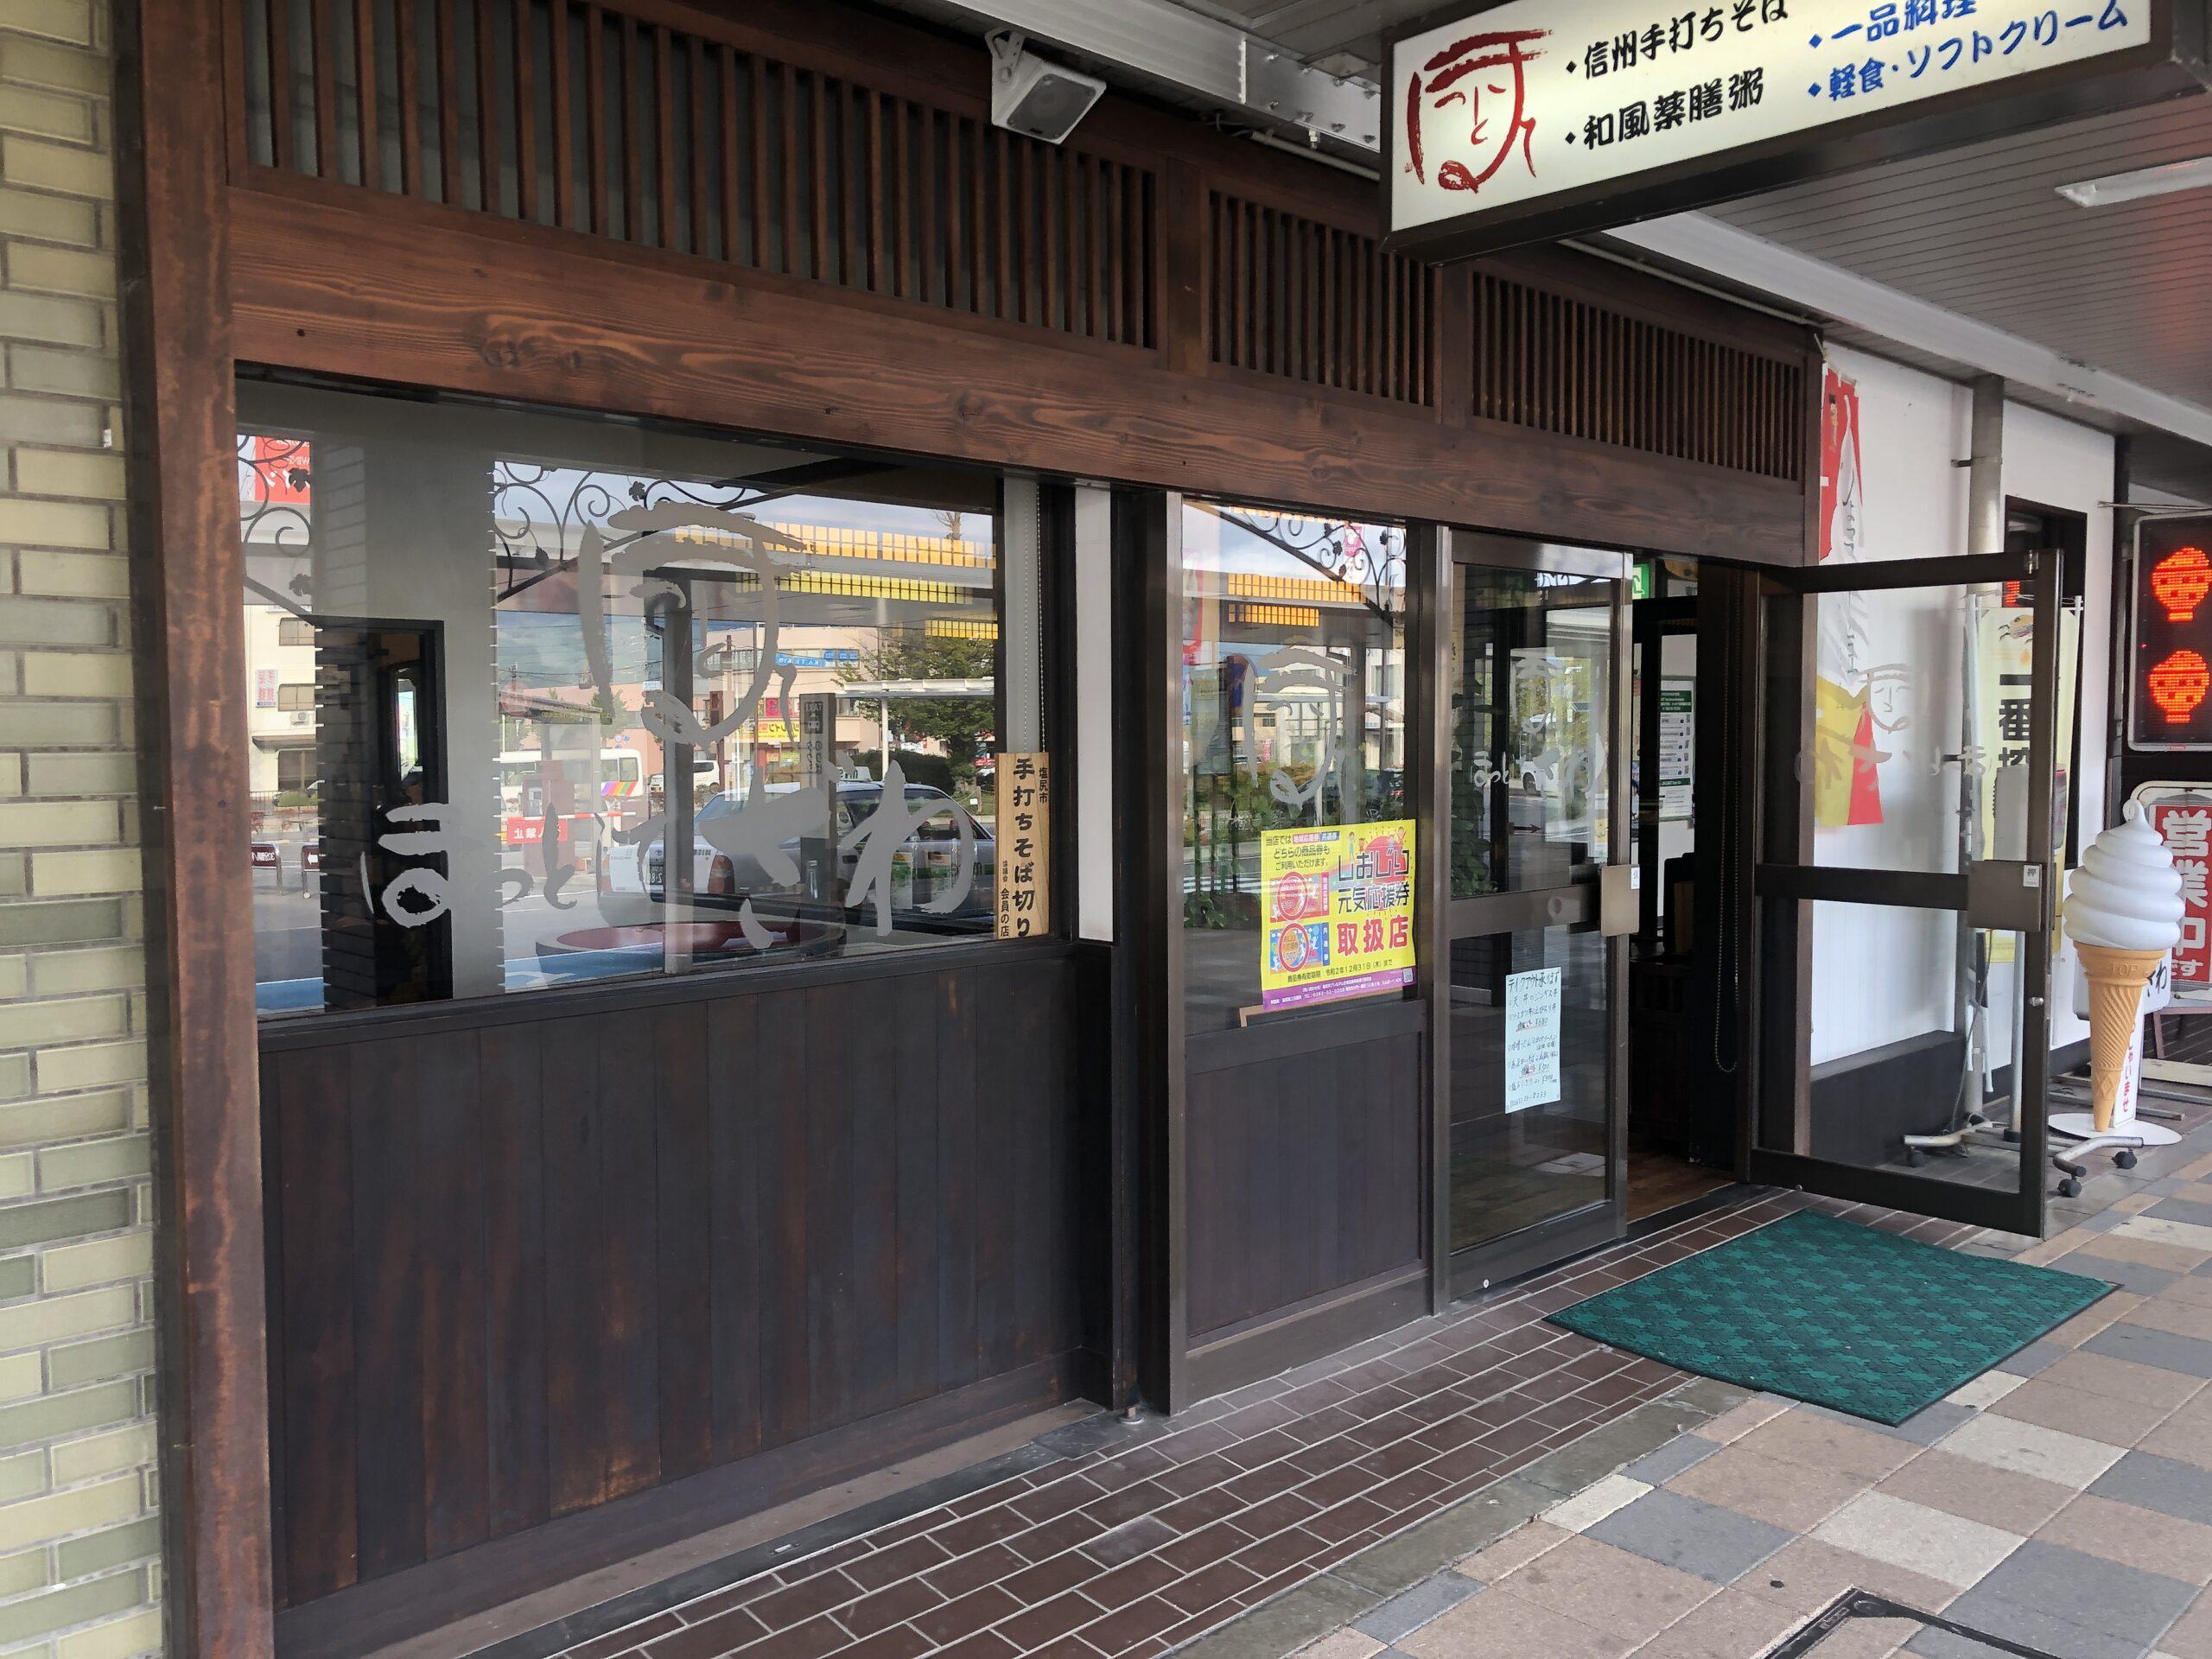 「ほっとしてざわ塩尻駅店」は蕎麦だけでなく飲兵衛に最適な一品料理が揃いまくりだった!